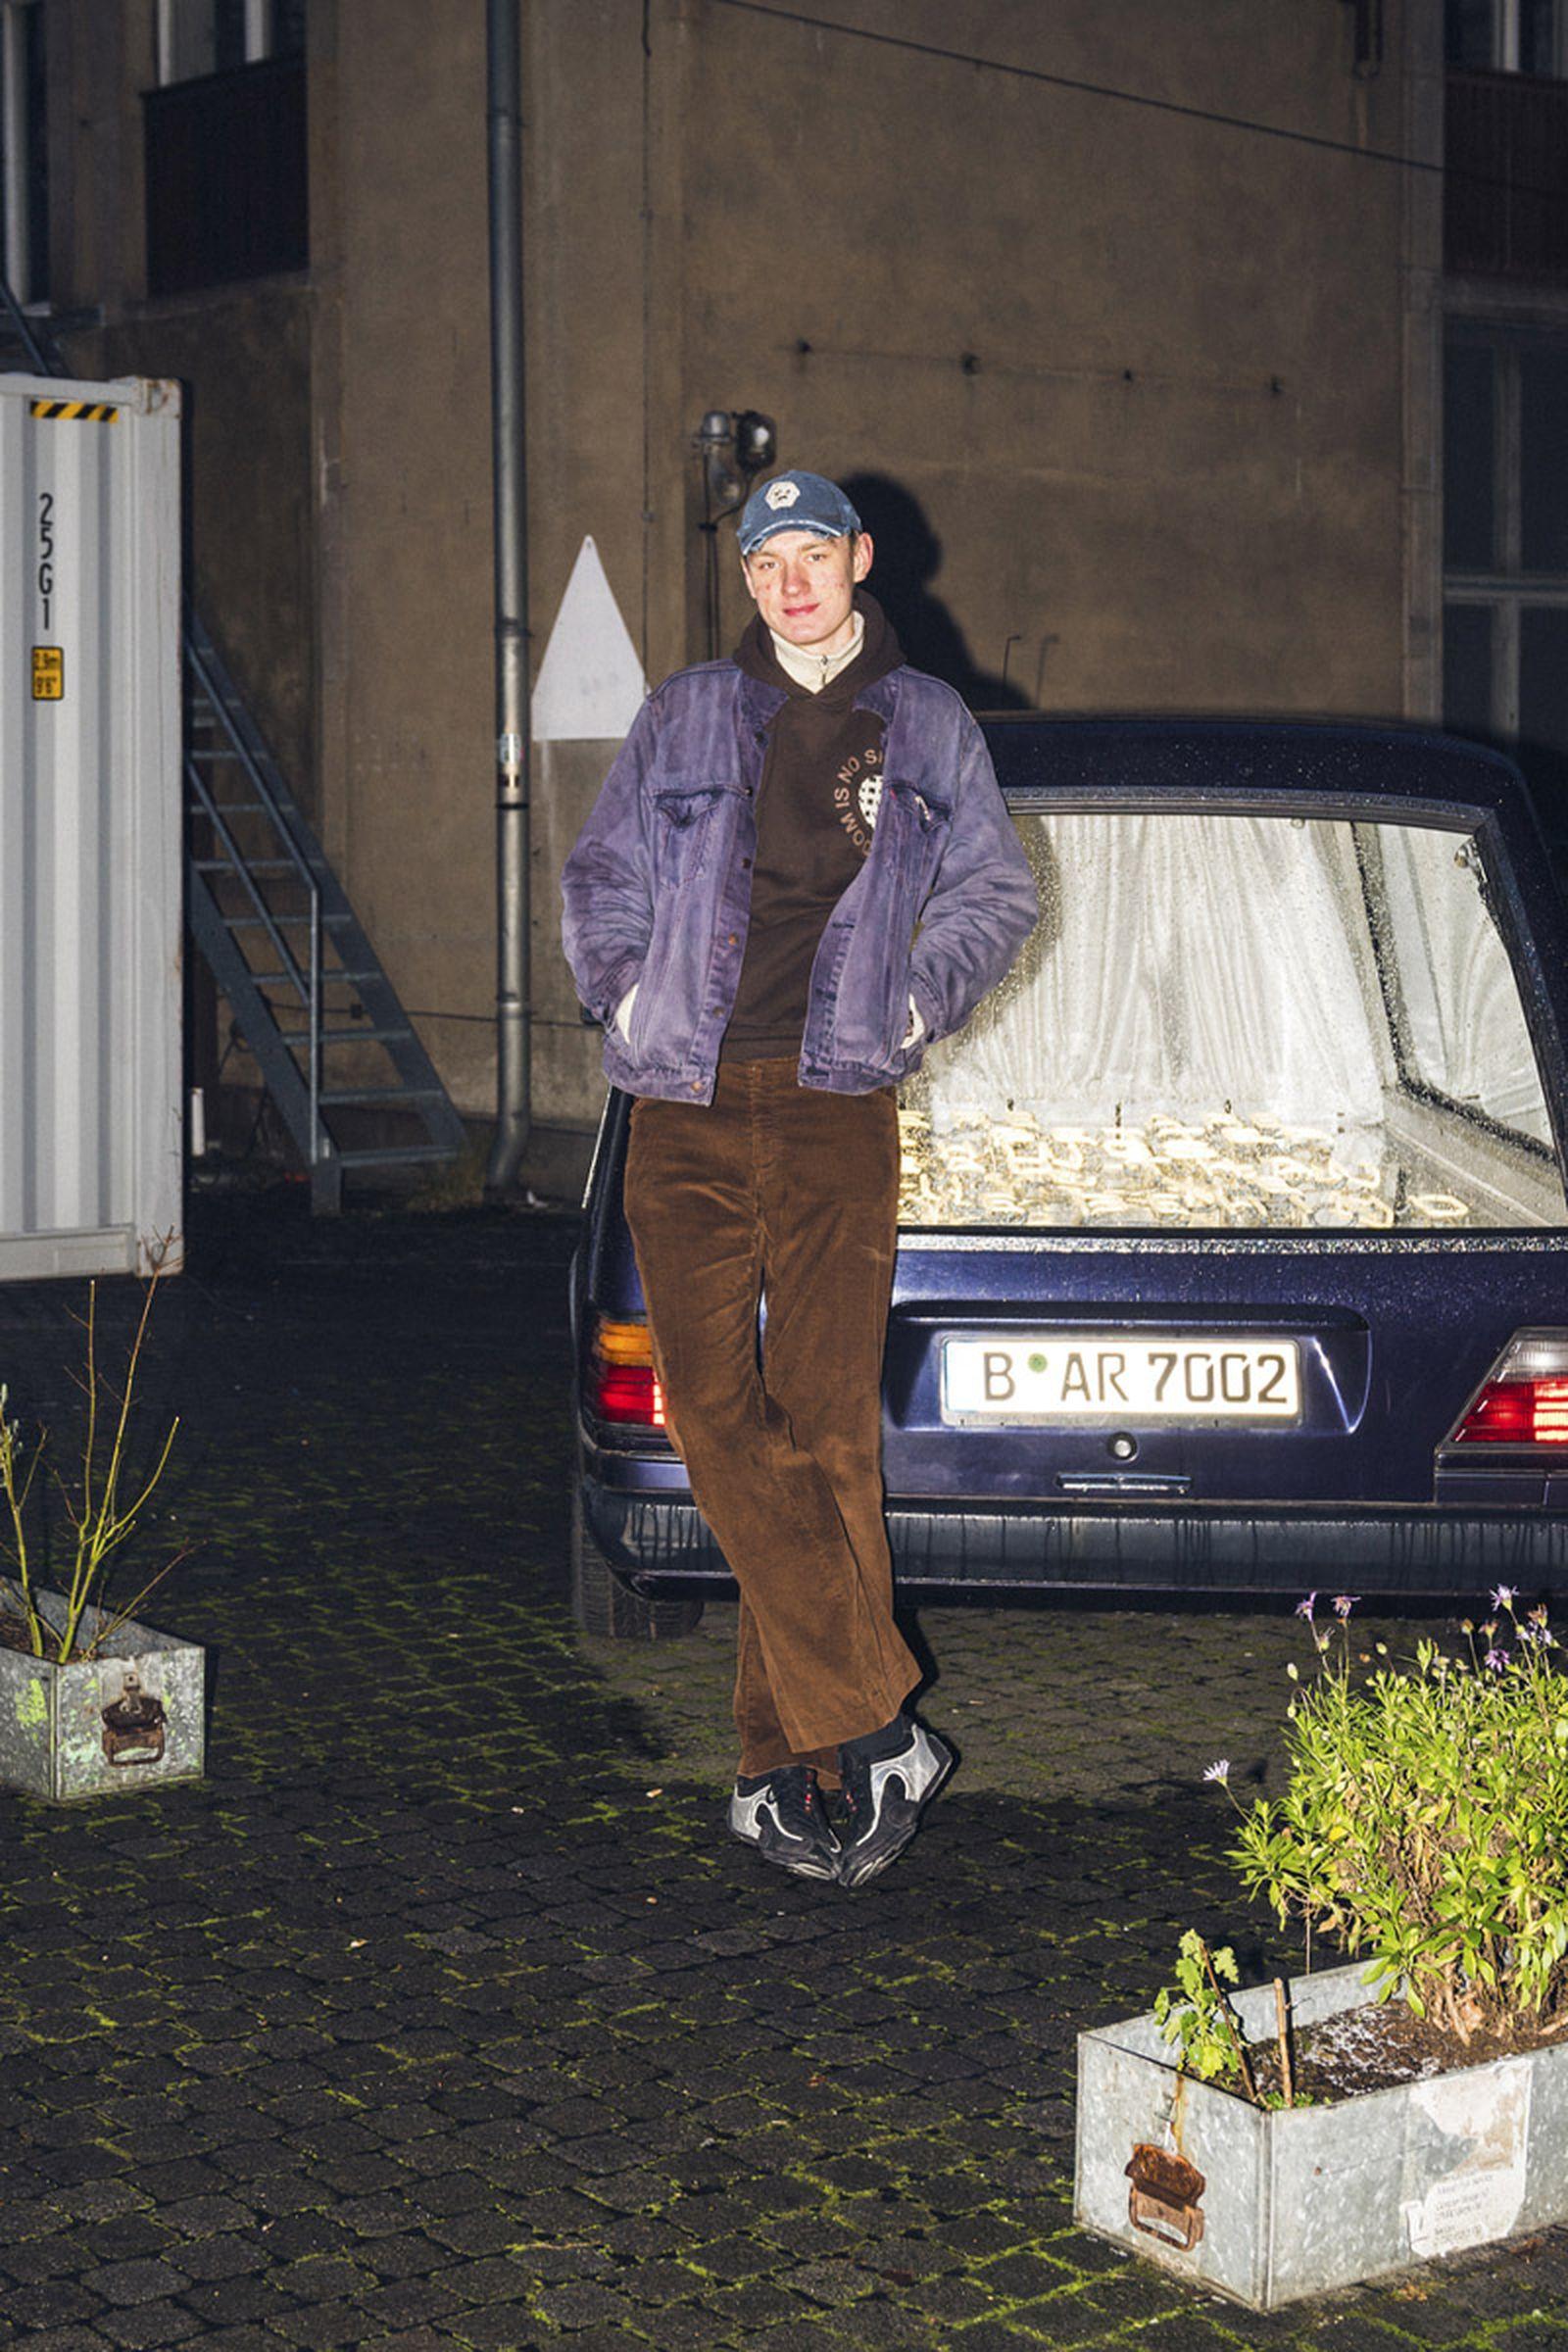 beinghunted-robert-smithson-not-in-paris-@lemsche-800x1200